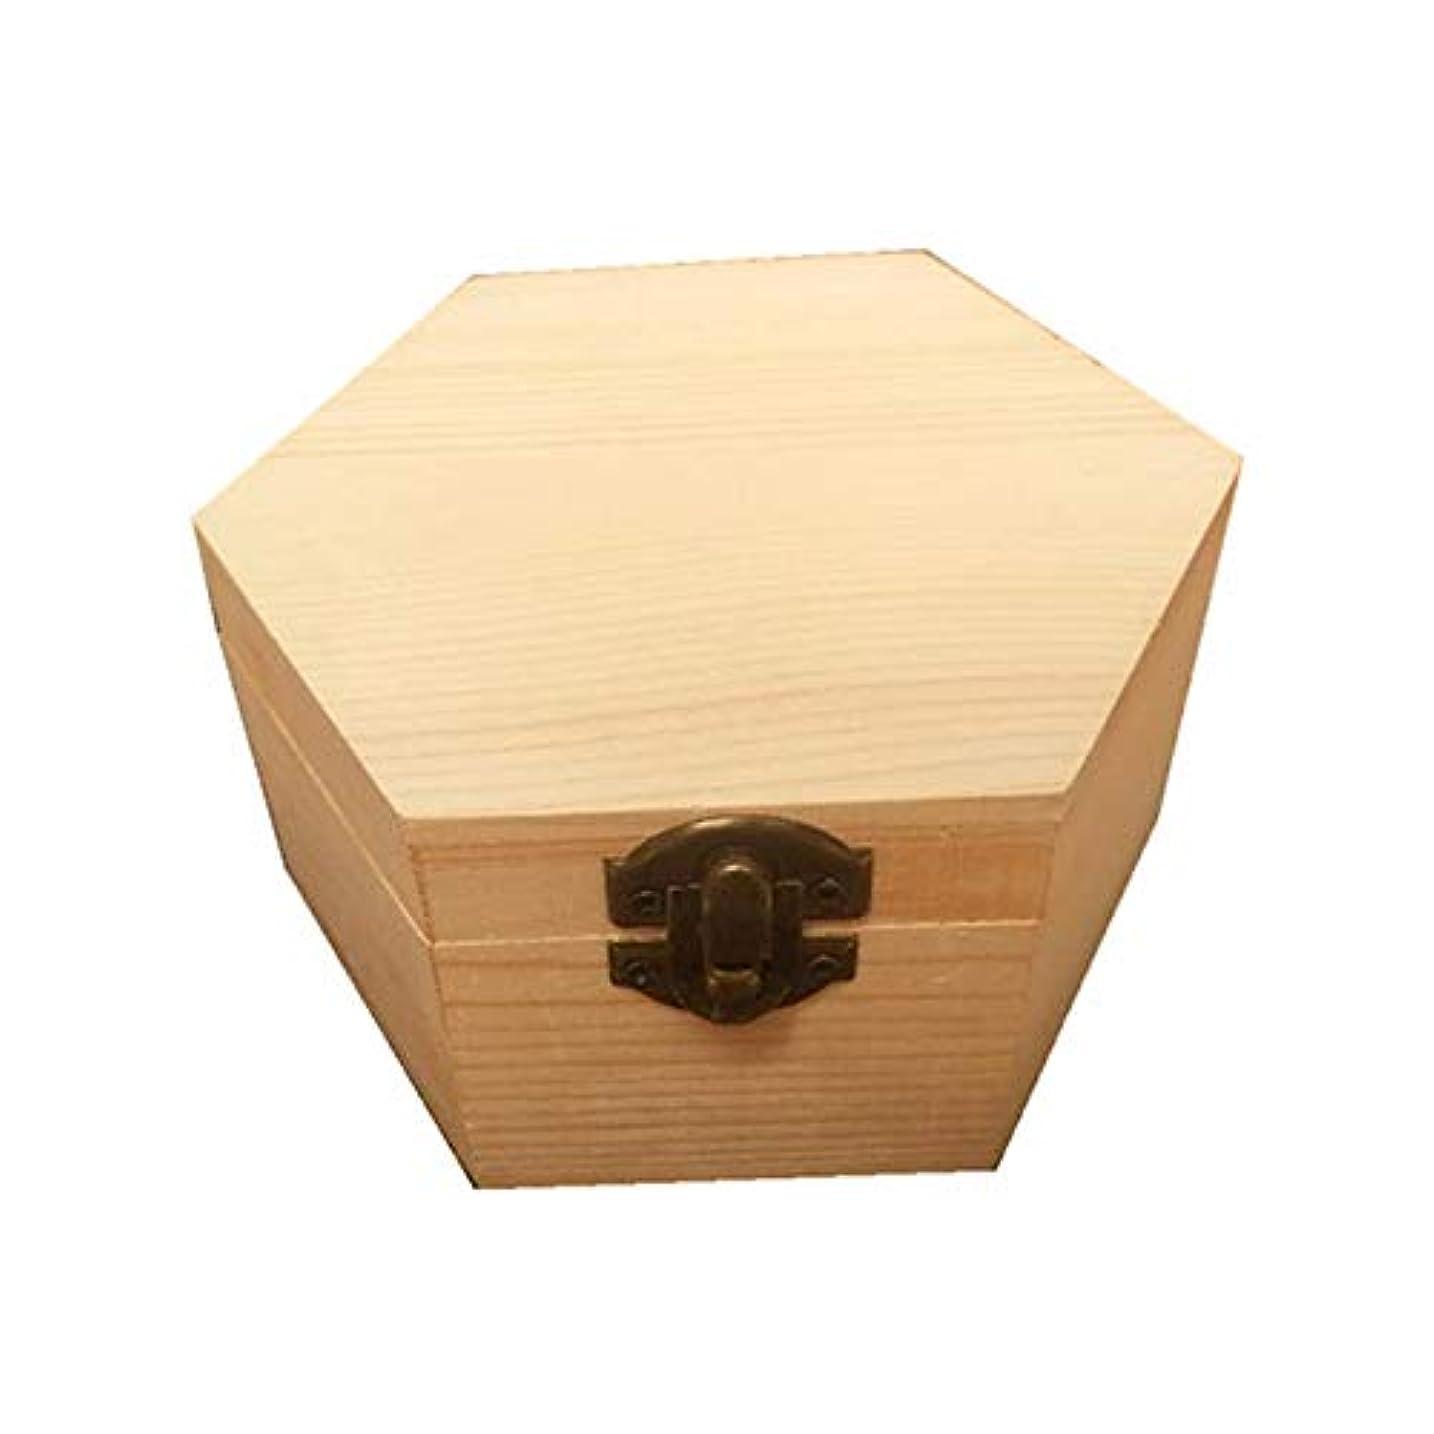 リーンピックつぼみエッセンシャルオイルストレージボックス 手作りの木製ギフトボックスパーフェクトエッセンシャルオイルケースにエッセンシャルオイル 旅行およびプレゼンテーション用 (色 : Natural, サイズ : 13X11.3X6.8CM)